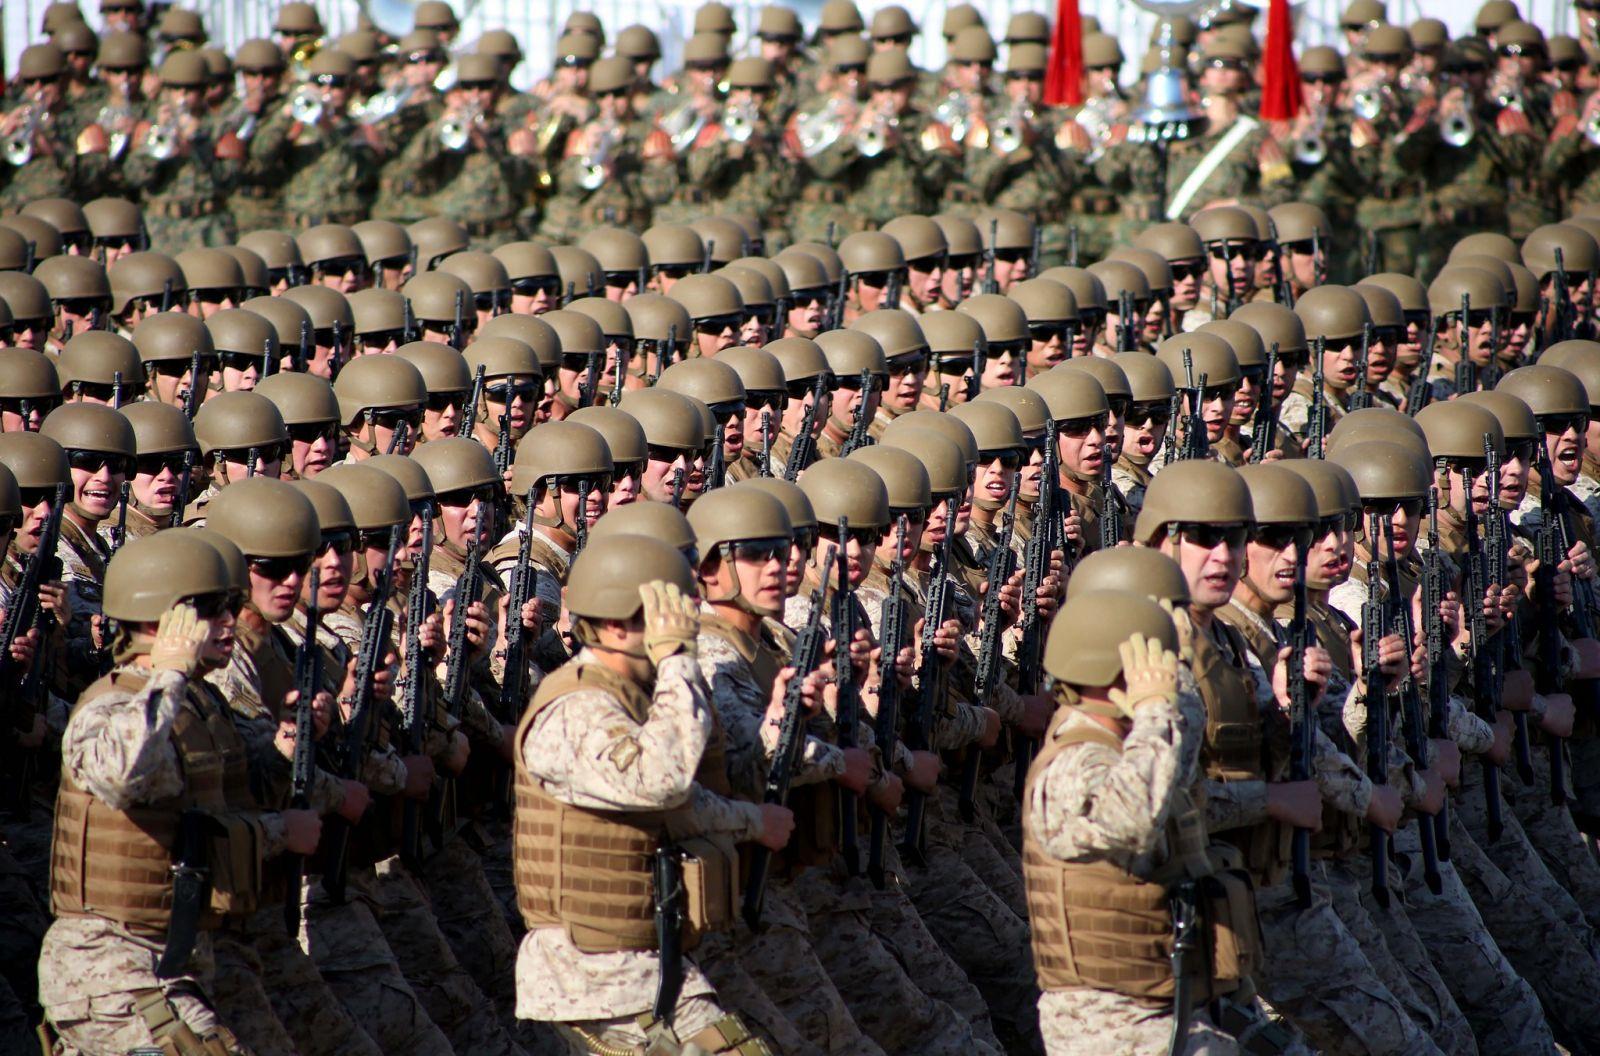 Las históricas masacres cometidas por el ejército a los pueblos de Chile